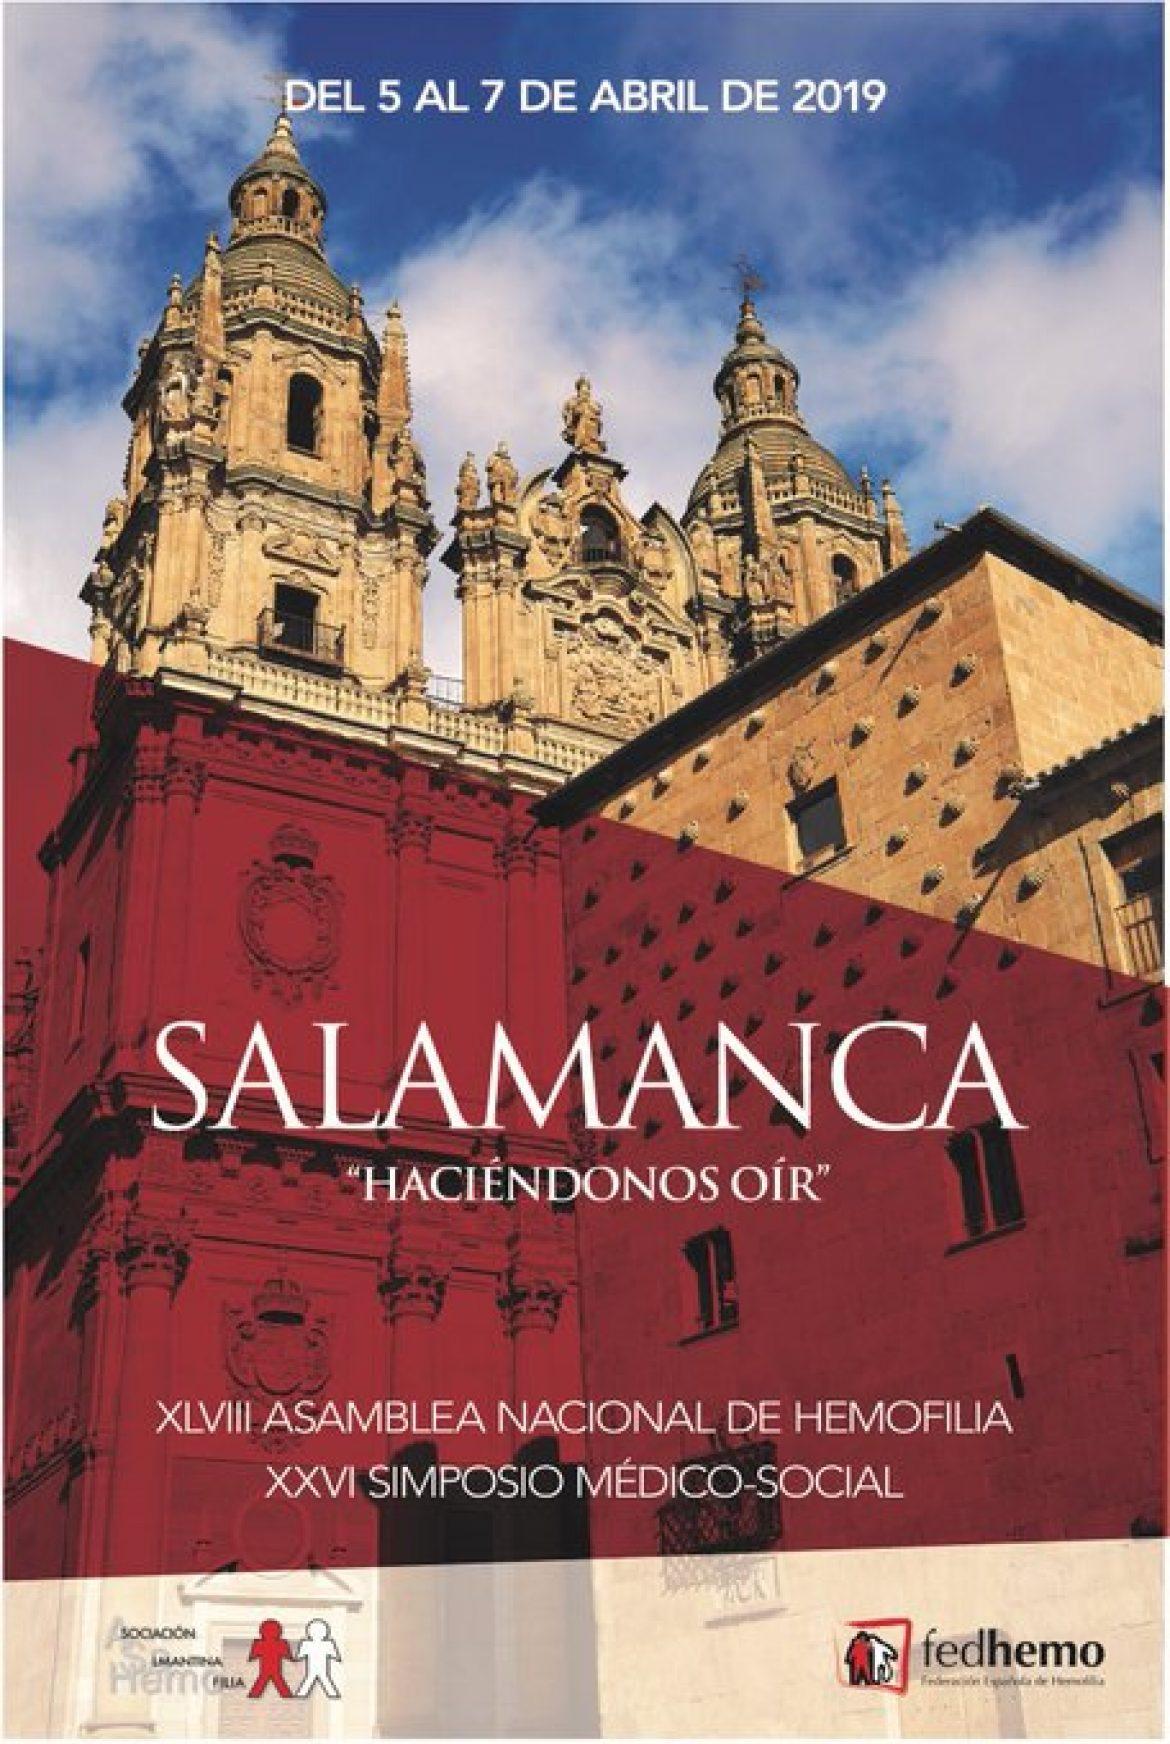 Asamblea Nacional De Fedhemo, que tendrá lugar los próximos 5-7 de abril 2019 en Salamanca